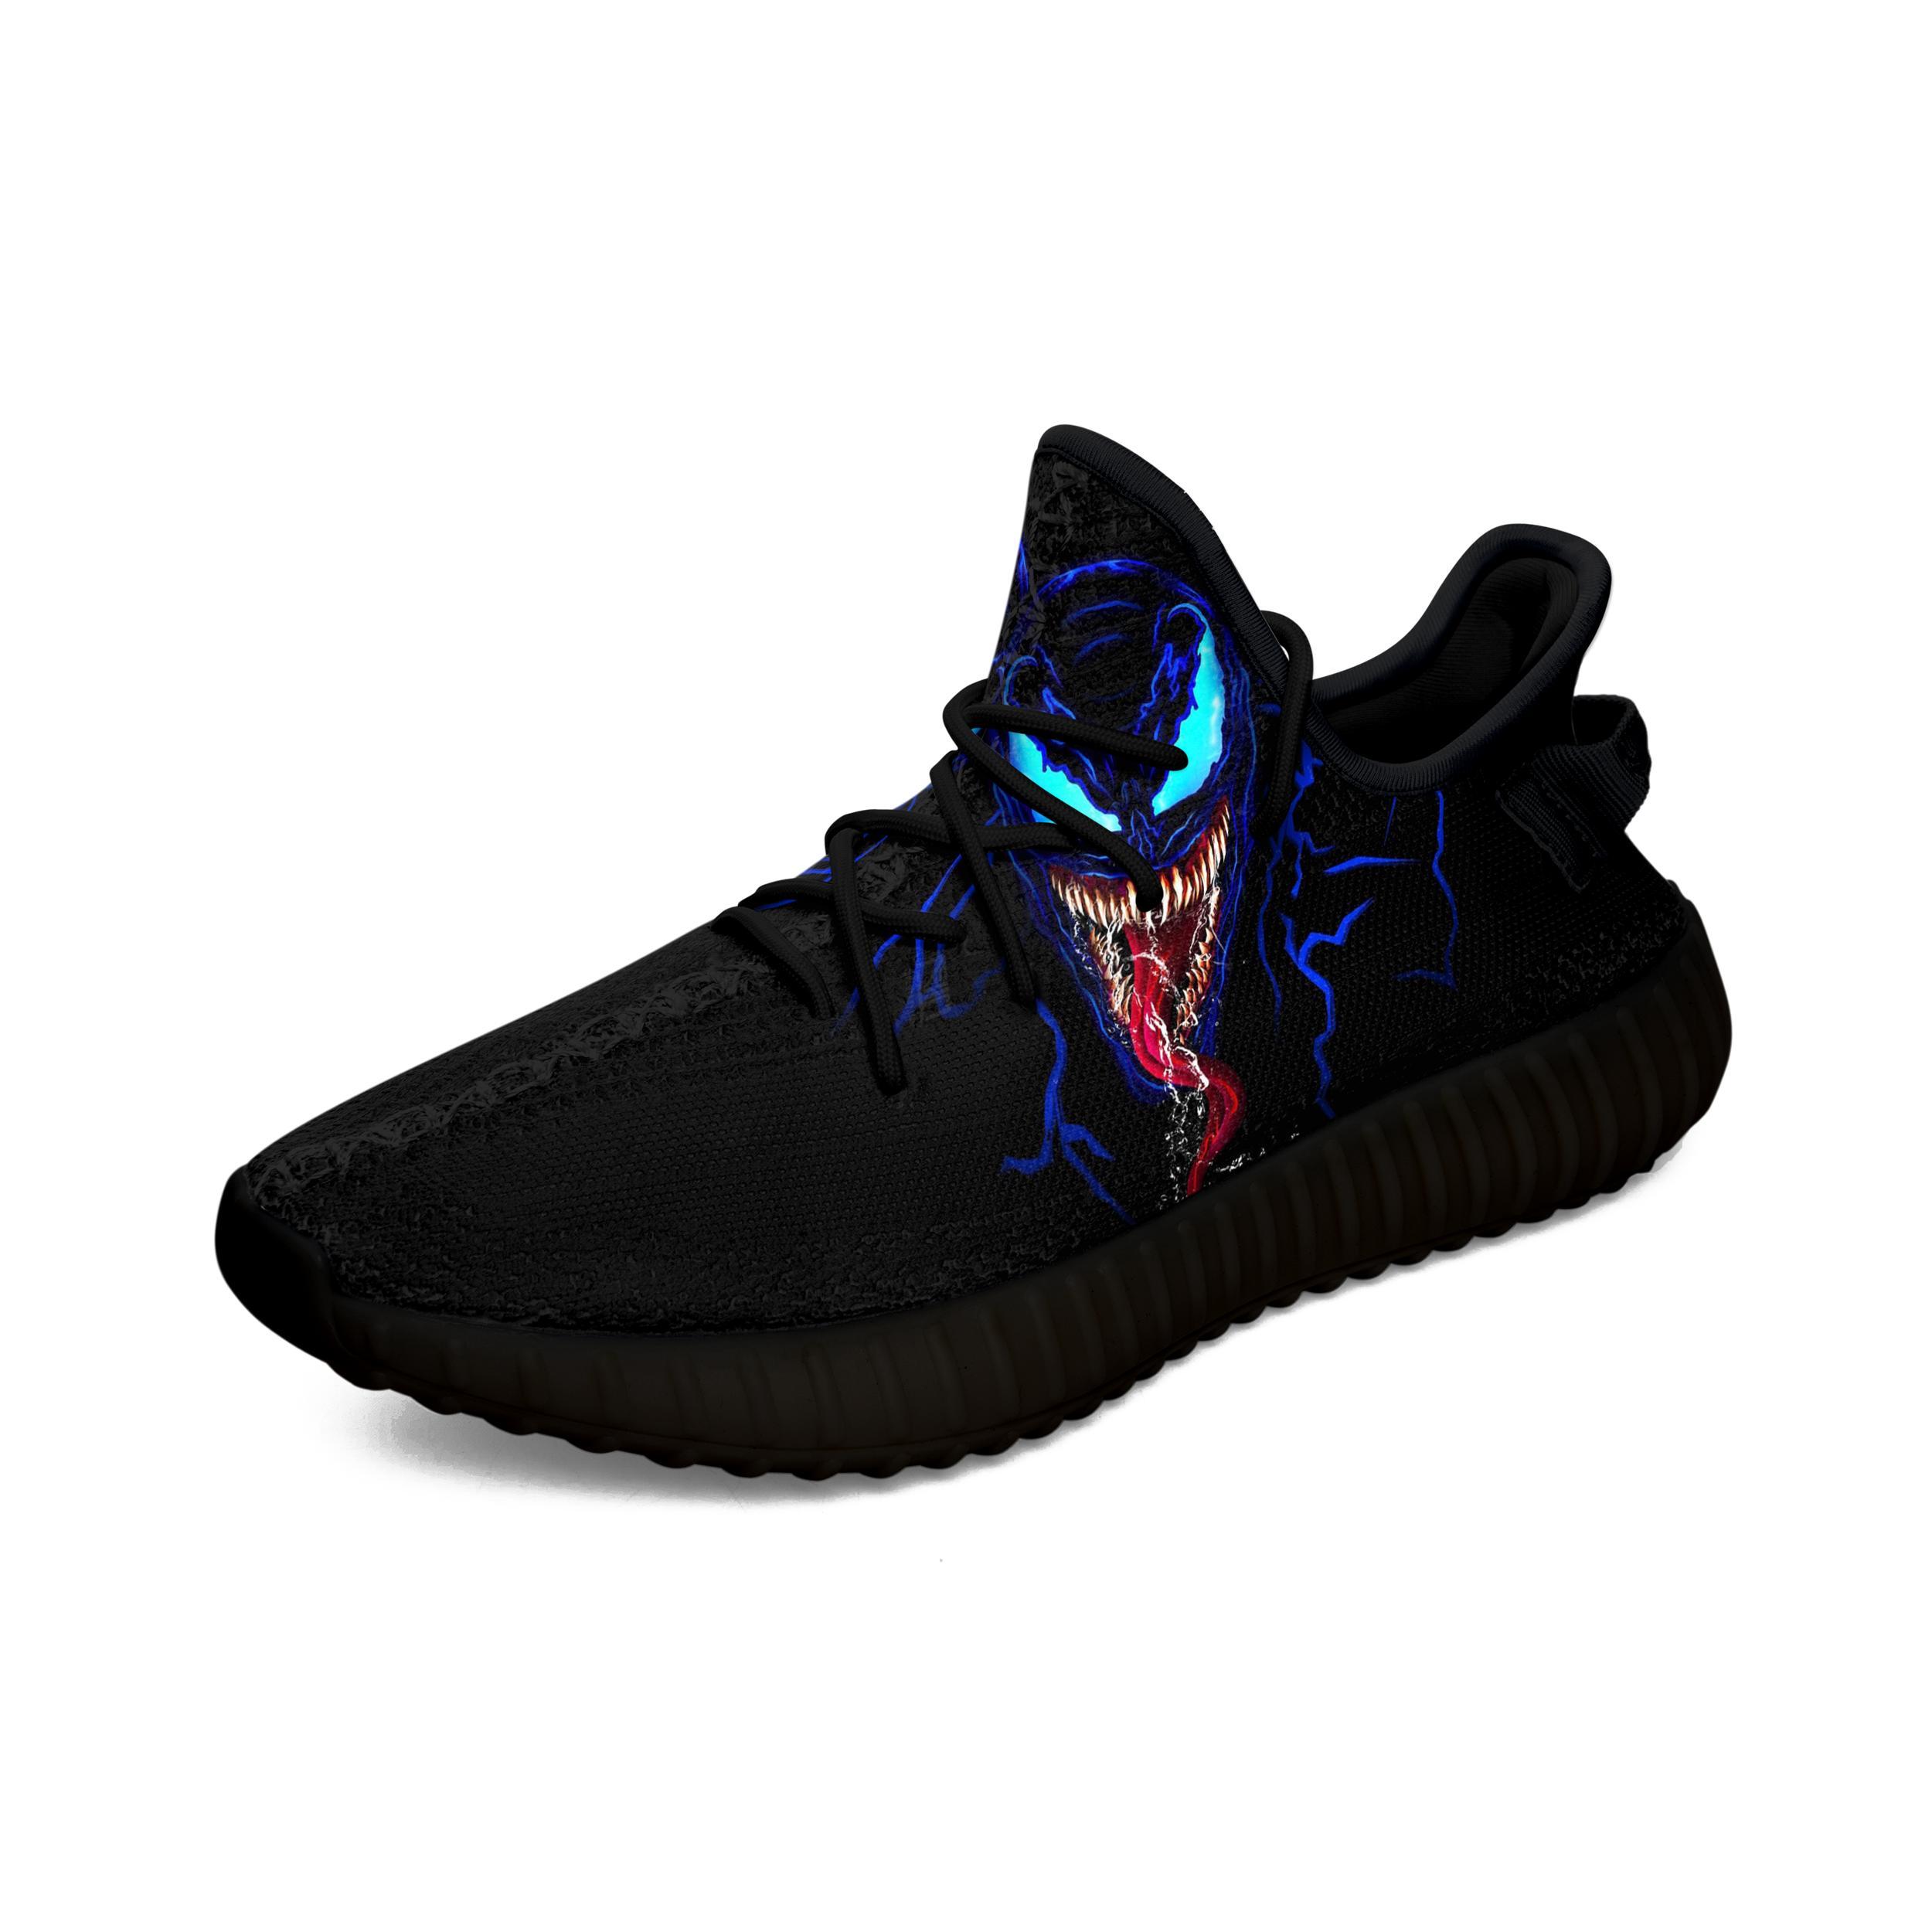 190705 ? Venom Yeezy Boots